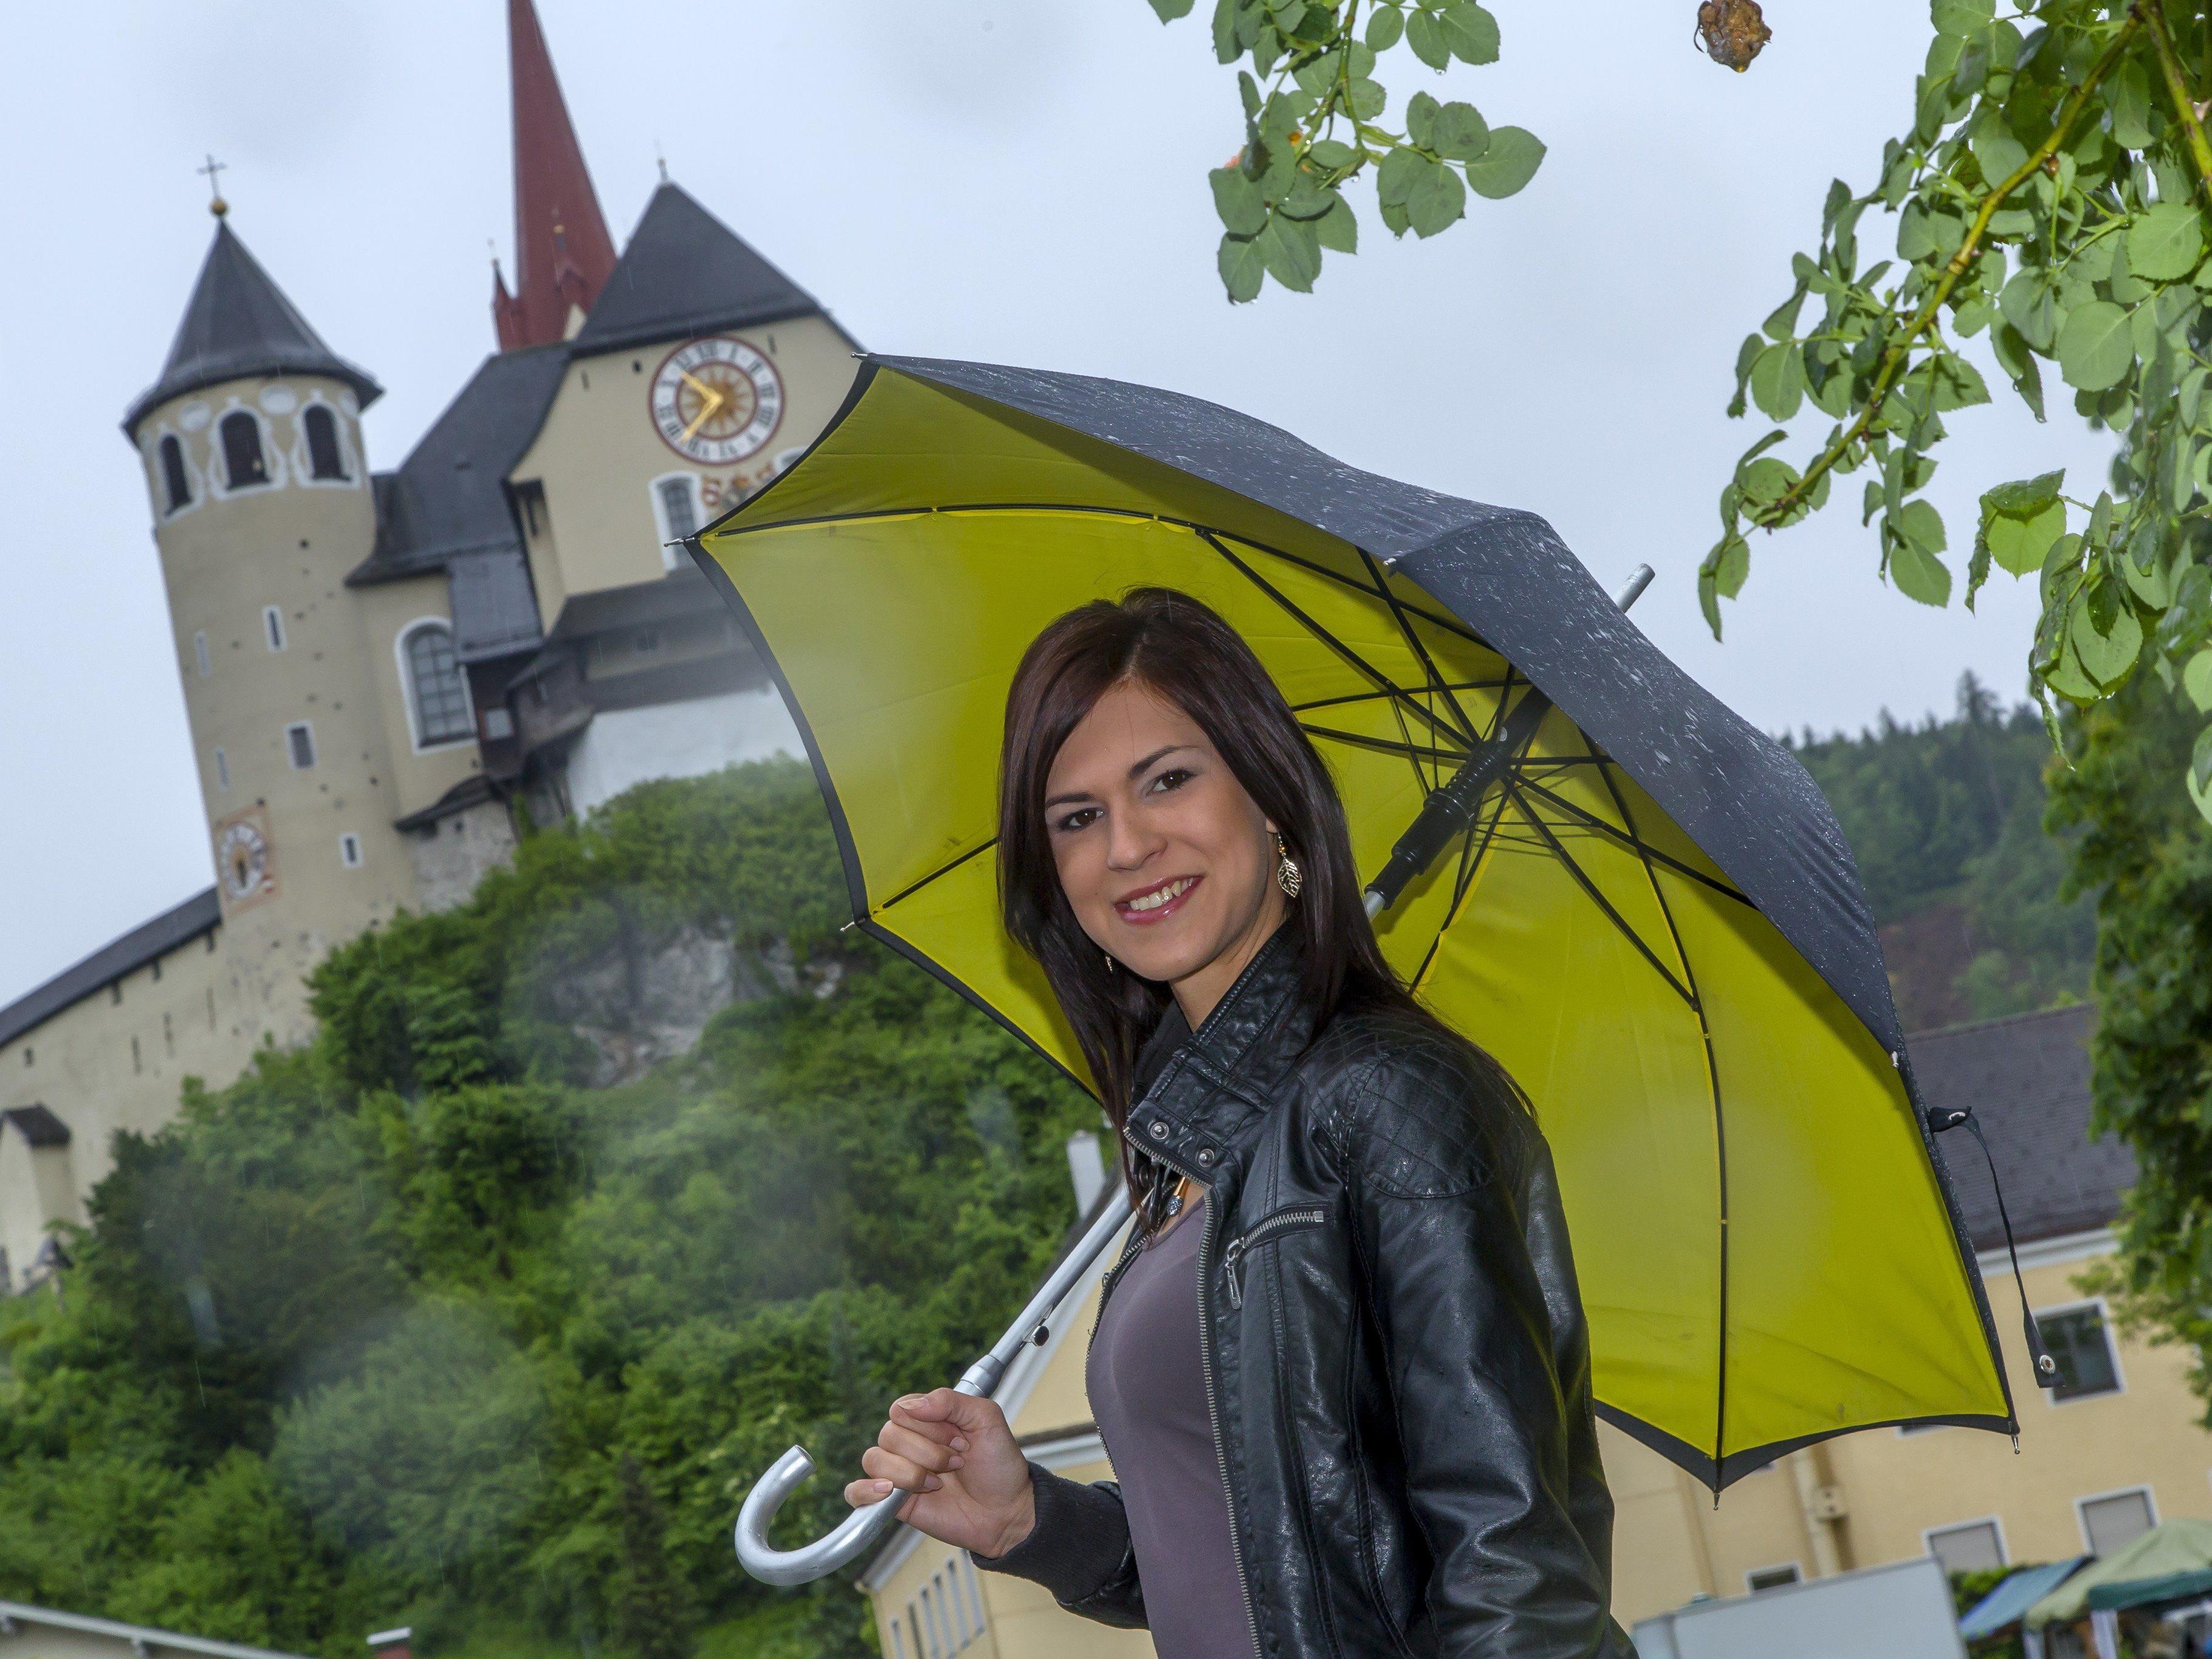 Nach kräftigen Regenschauern bald Wetterbesserung.